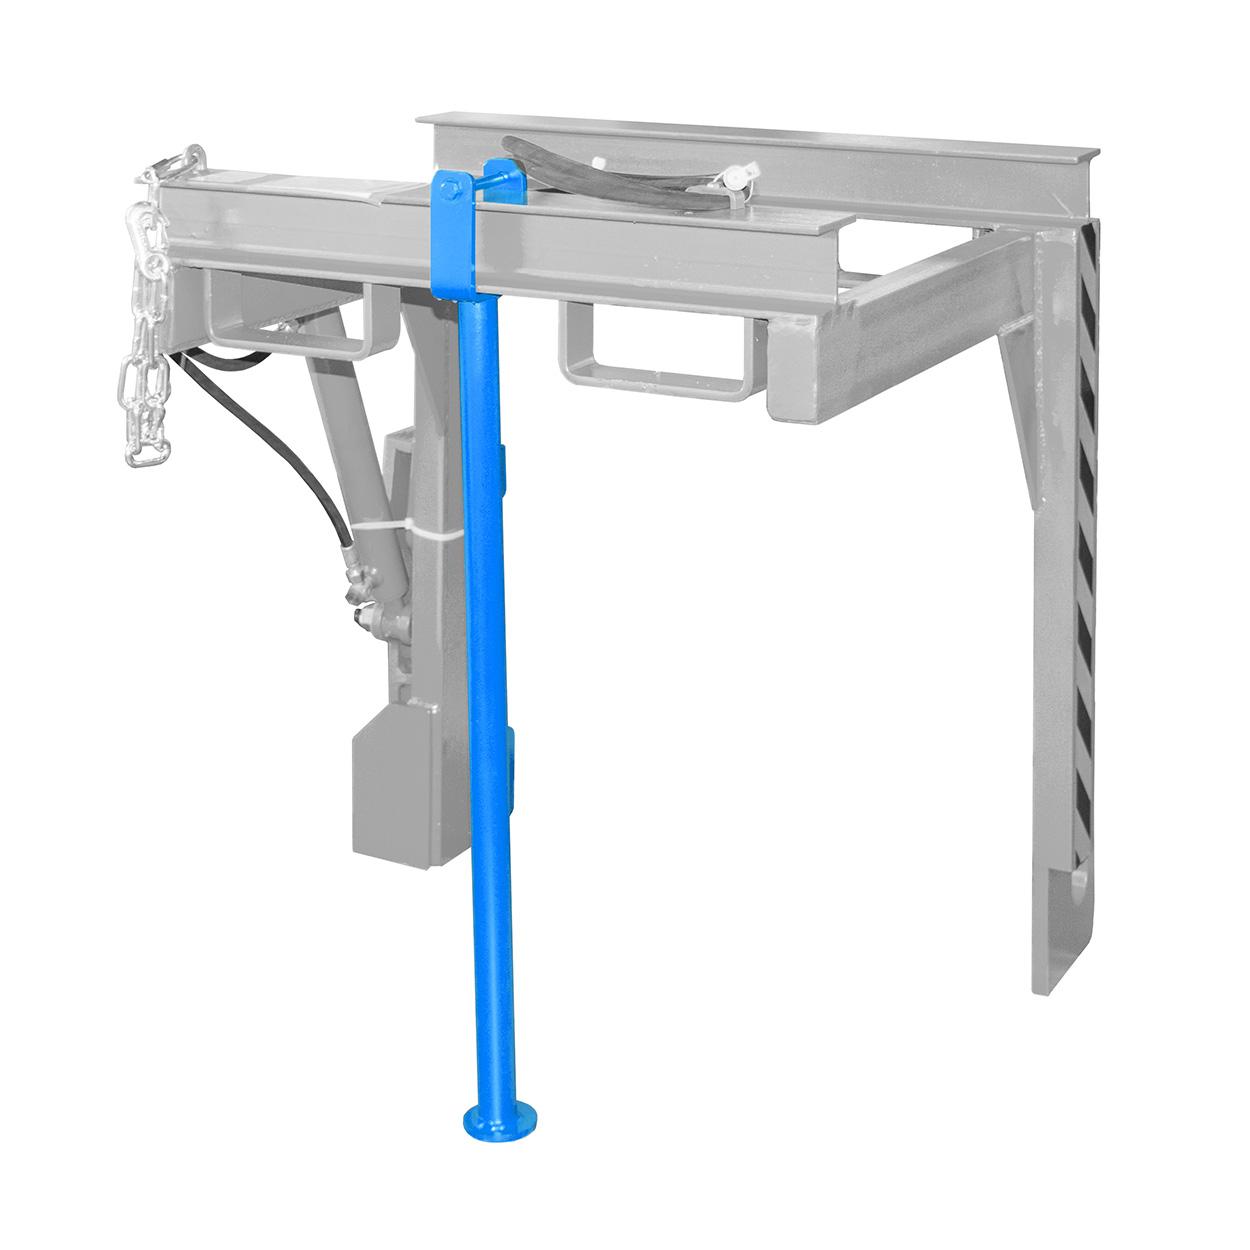 Skladovacia podpera pre vyklápaci a stohovací rám TRV